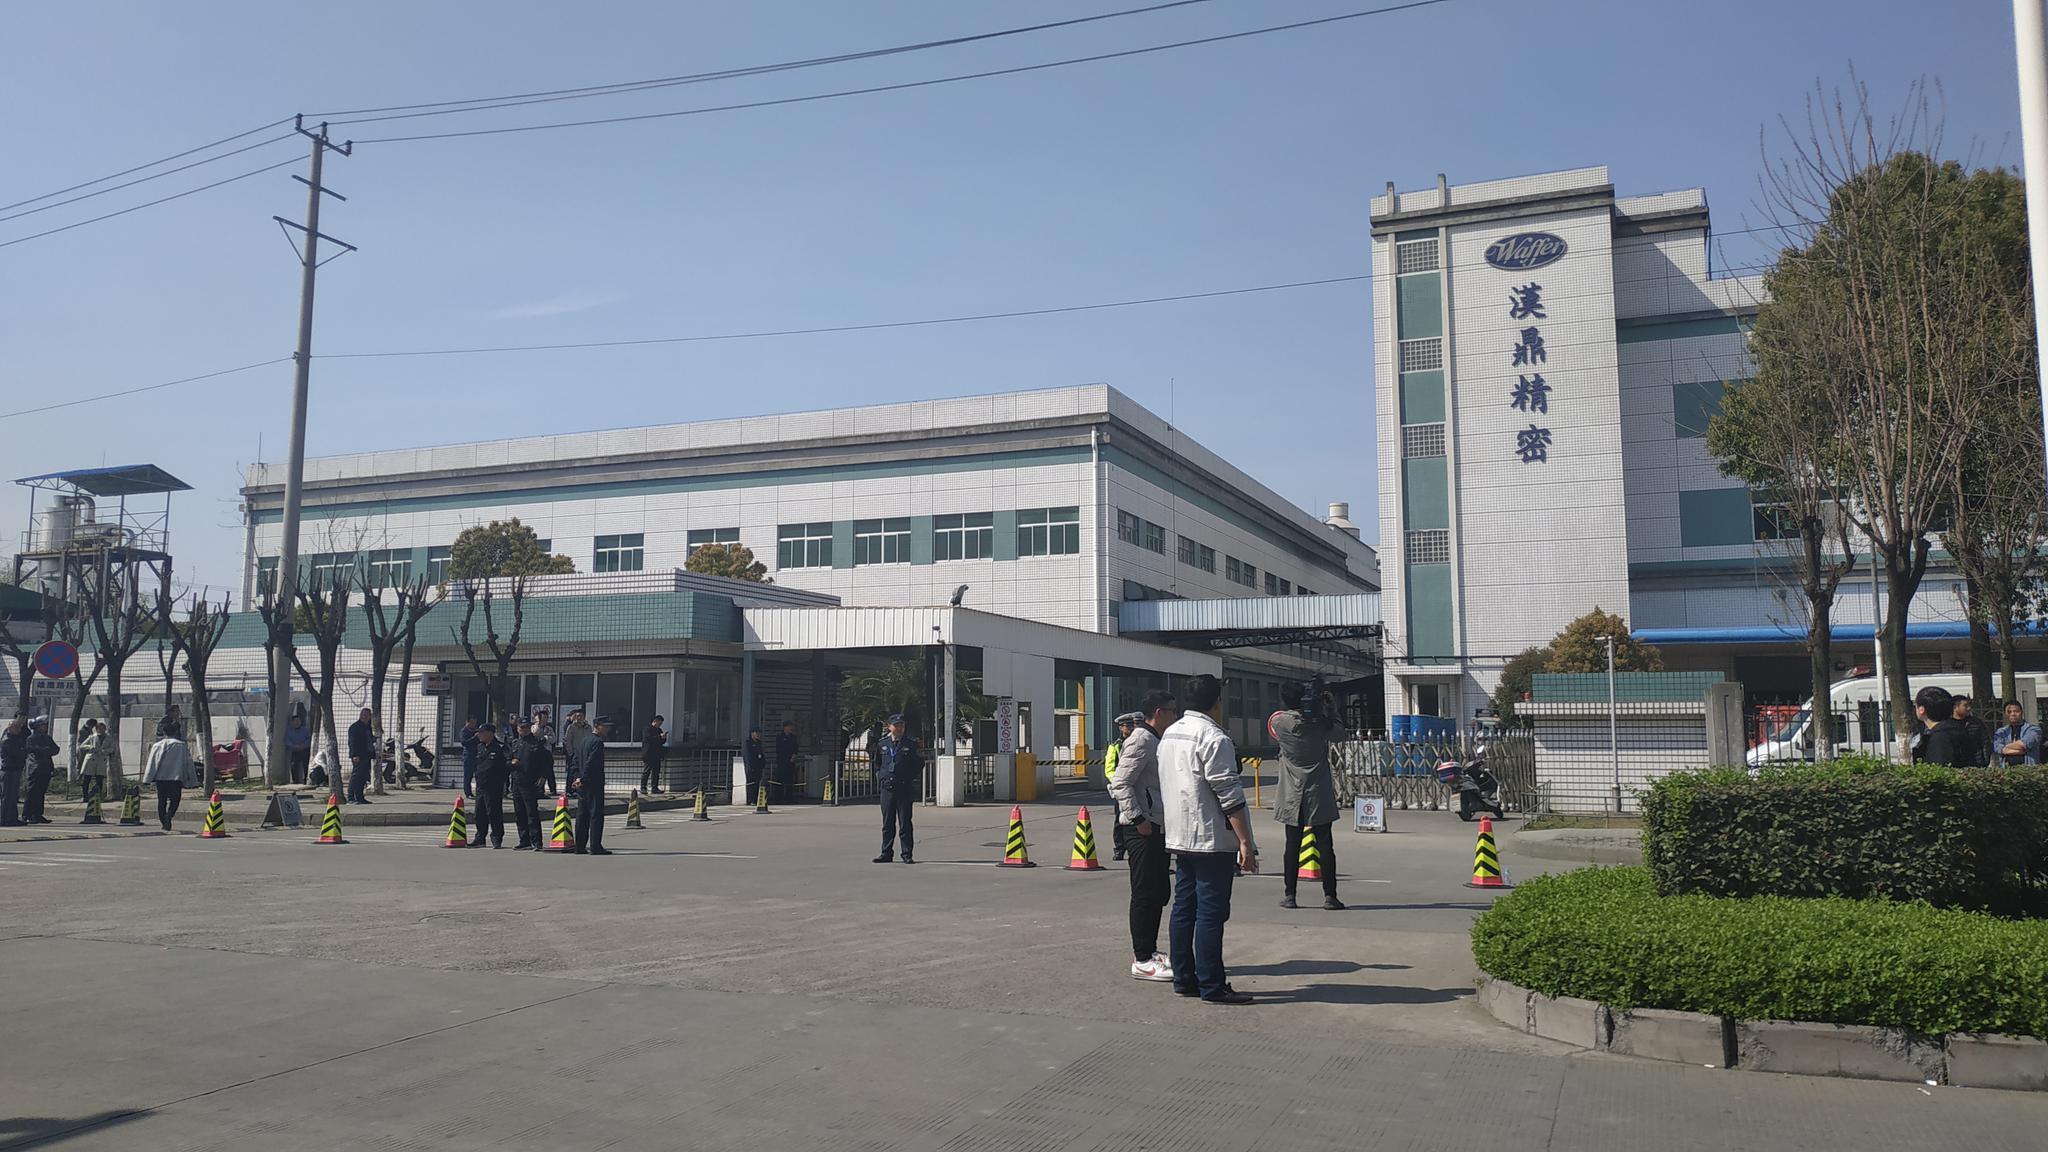 燃爆发生后,公司所在地外部人群集聚。新京报记者 刘名洋 摄